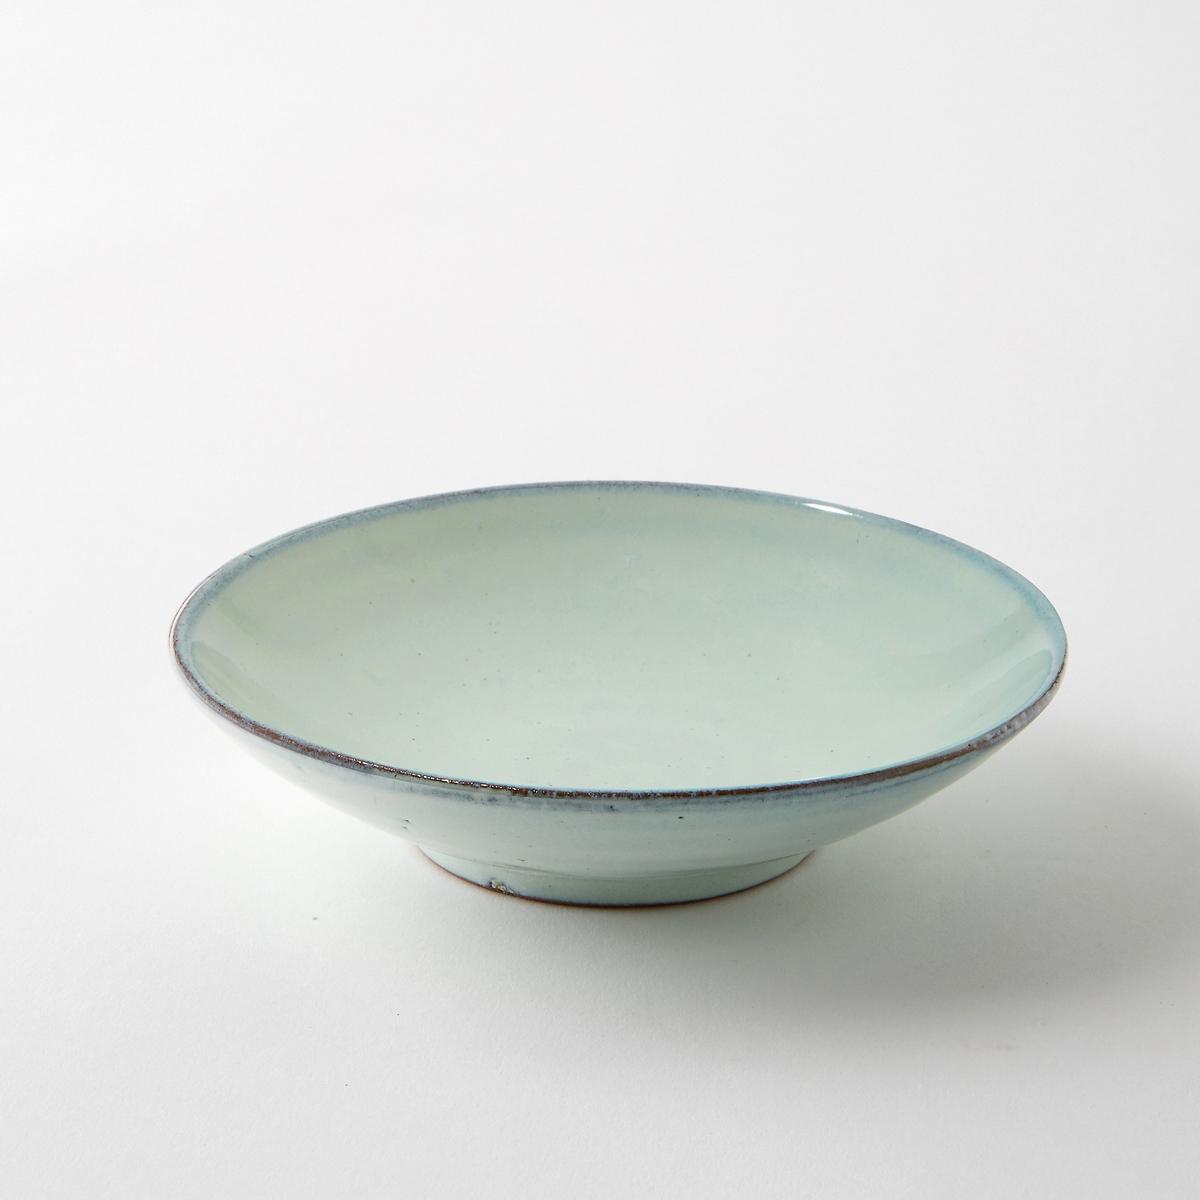 Чаша из керамики, диаметр 15 см, Aqua от Serax от La Redoute